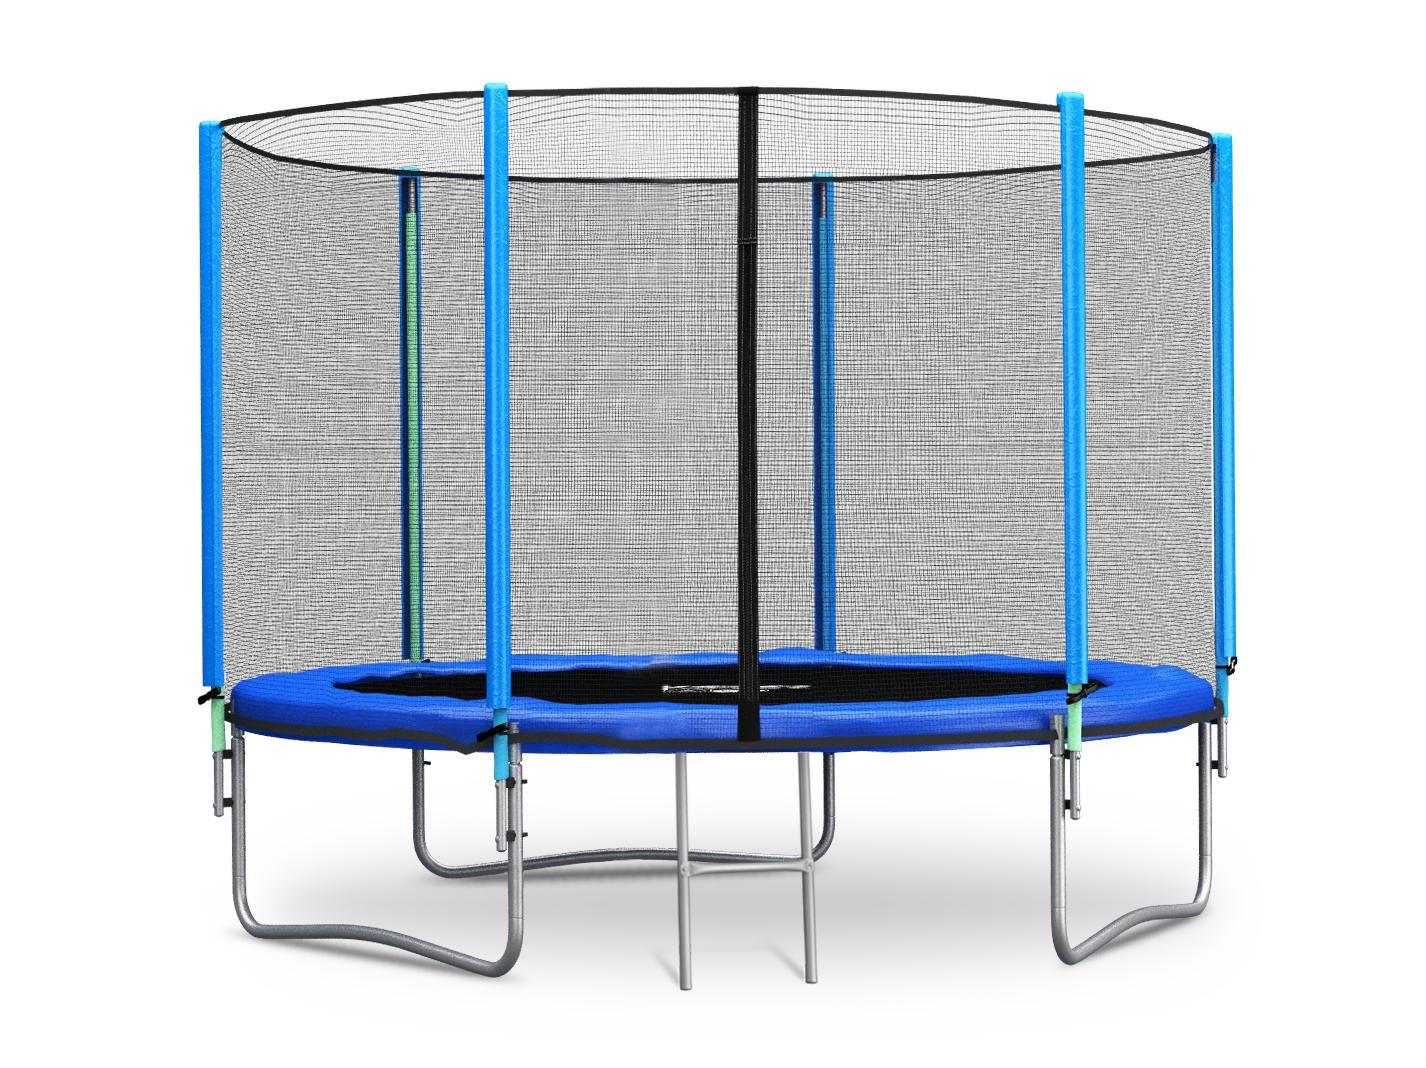 Trampolin 244 cm 8 ft mit Sicherheitsnetz Außennetz und Einstiegsleiter Neo-Sport Gartentrampolin